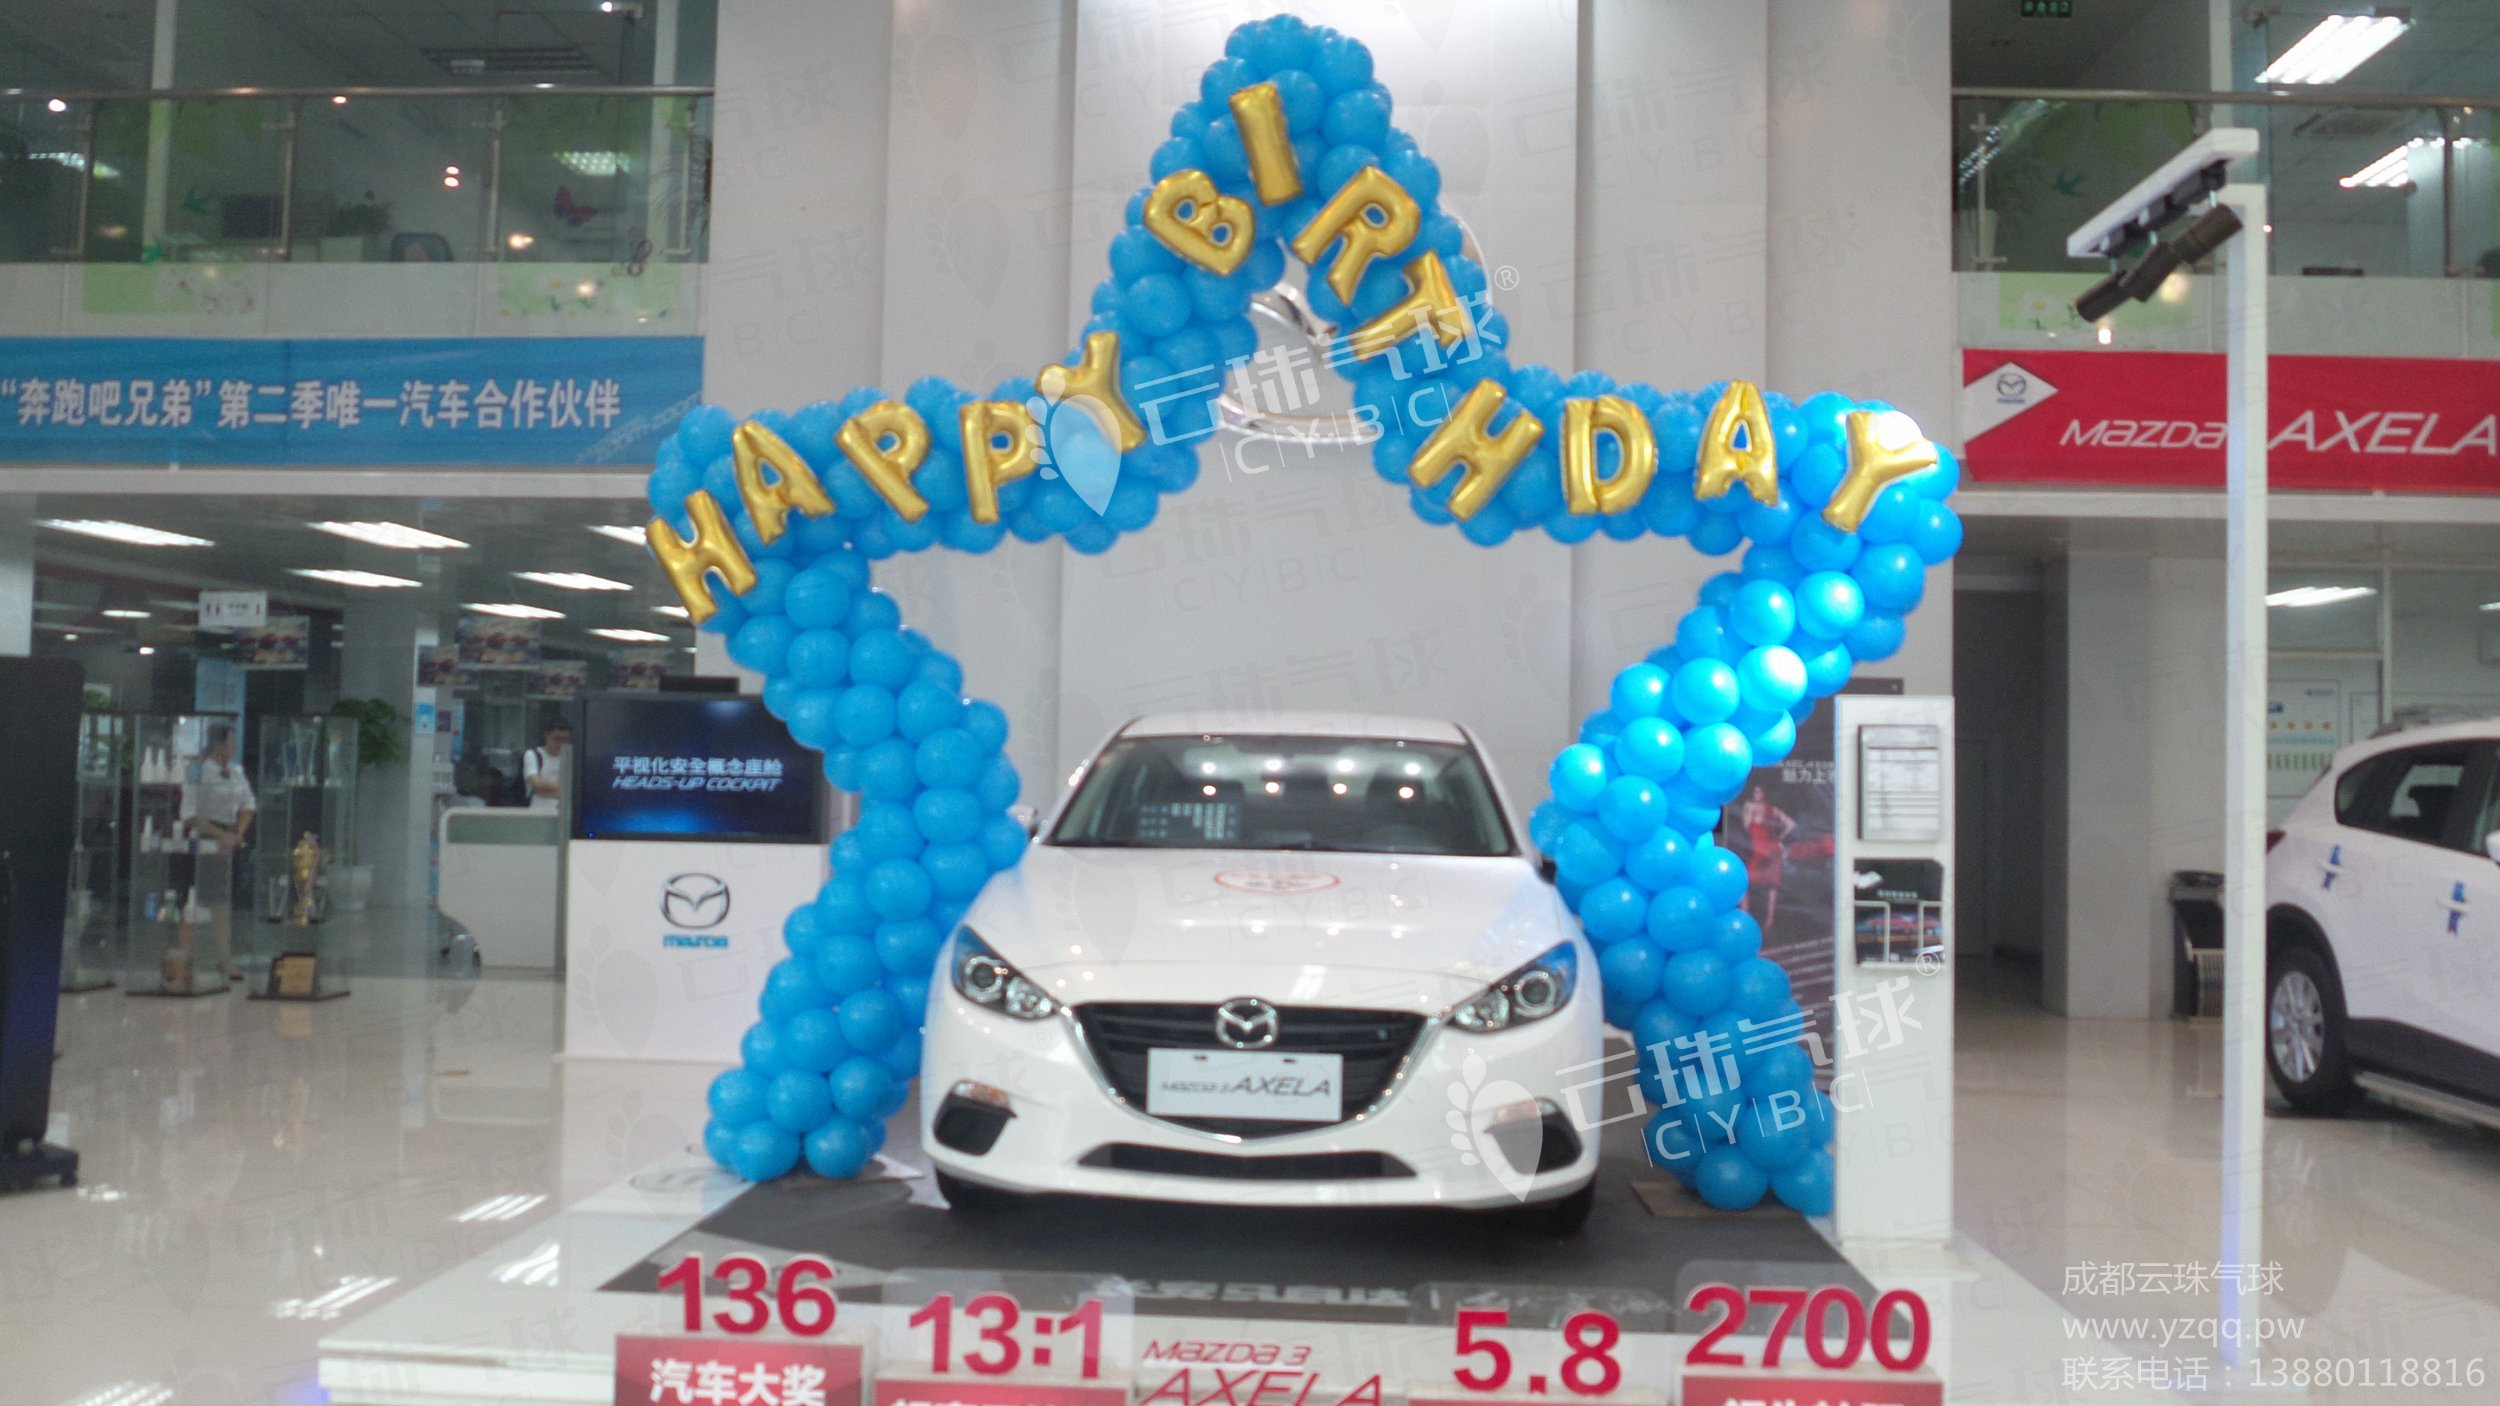 供应汽车4s店气球装饰/成都气球装饰/年会气球装饰/周年庆气球装饰